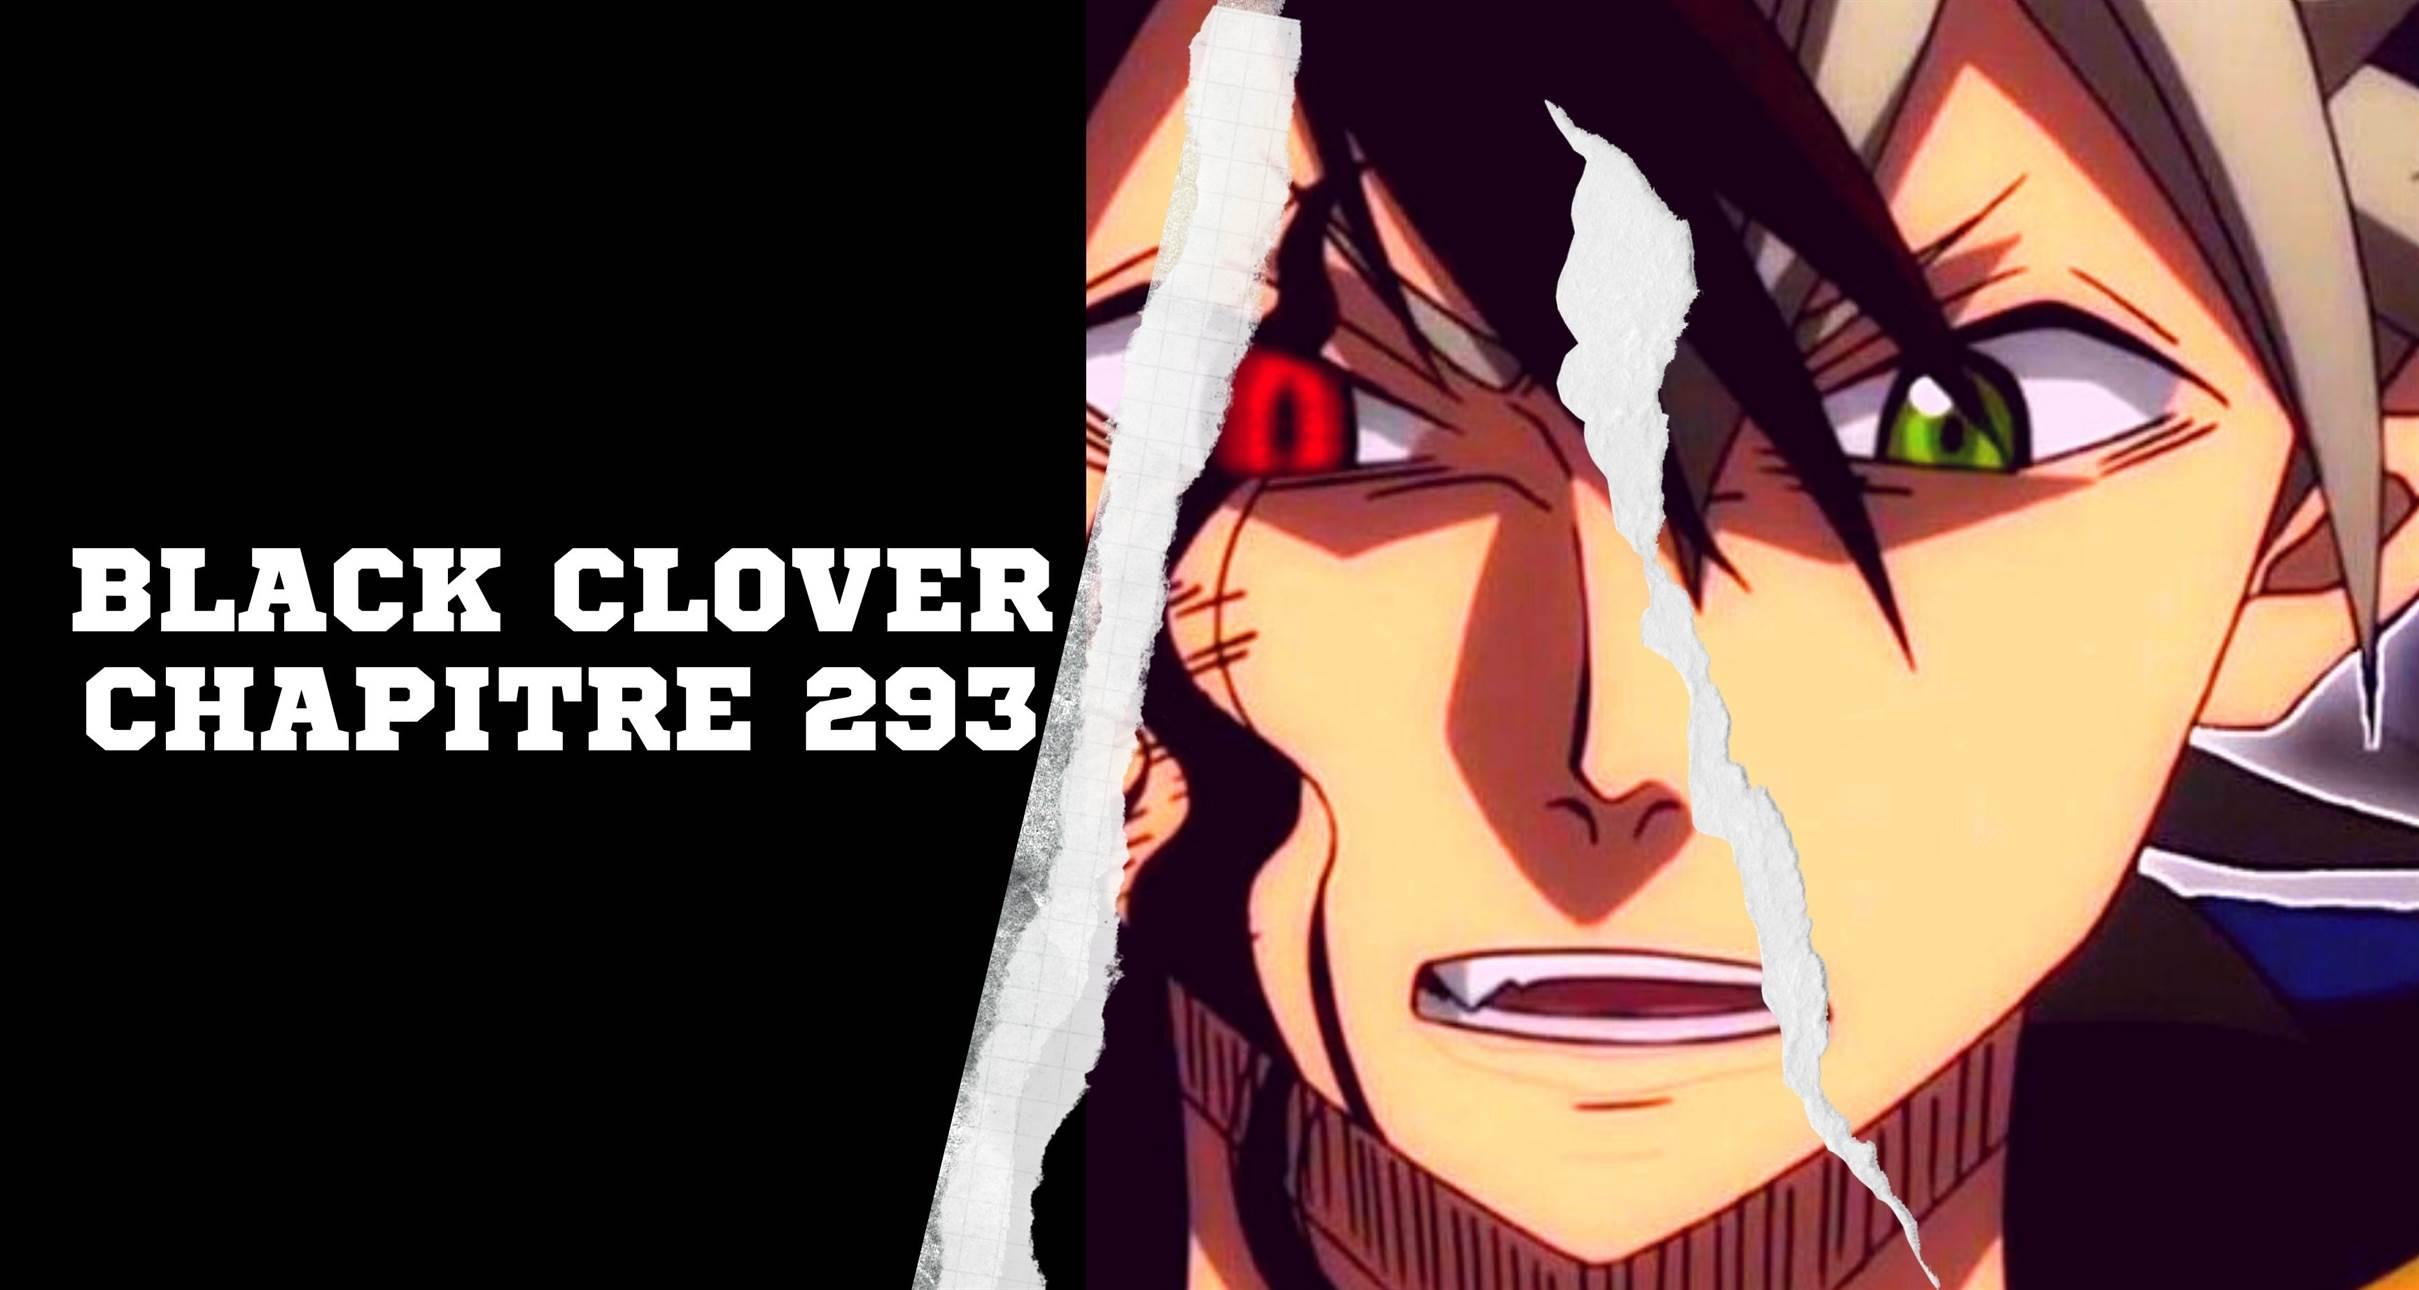 Black Clover Chapitre 293